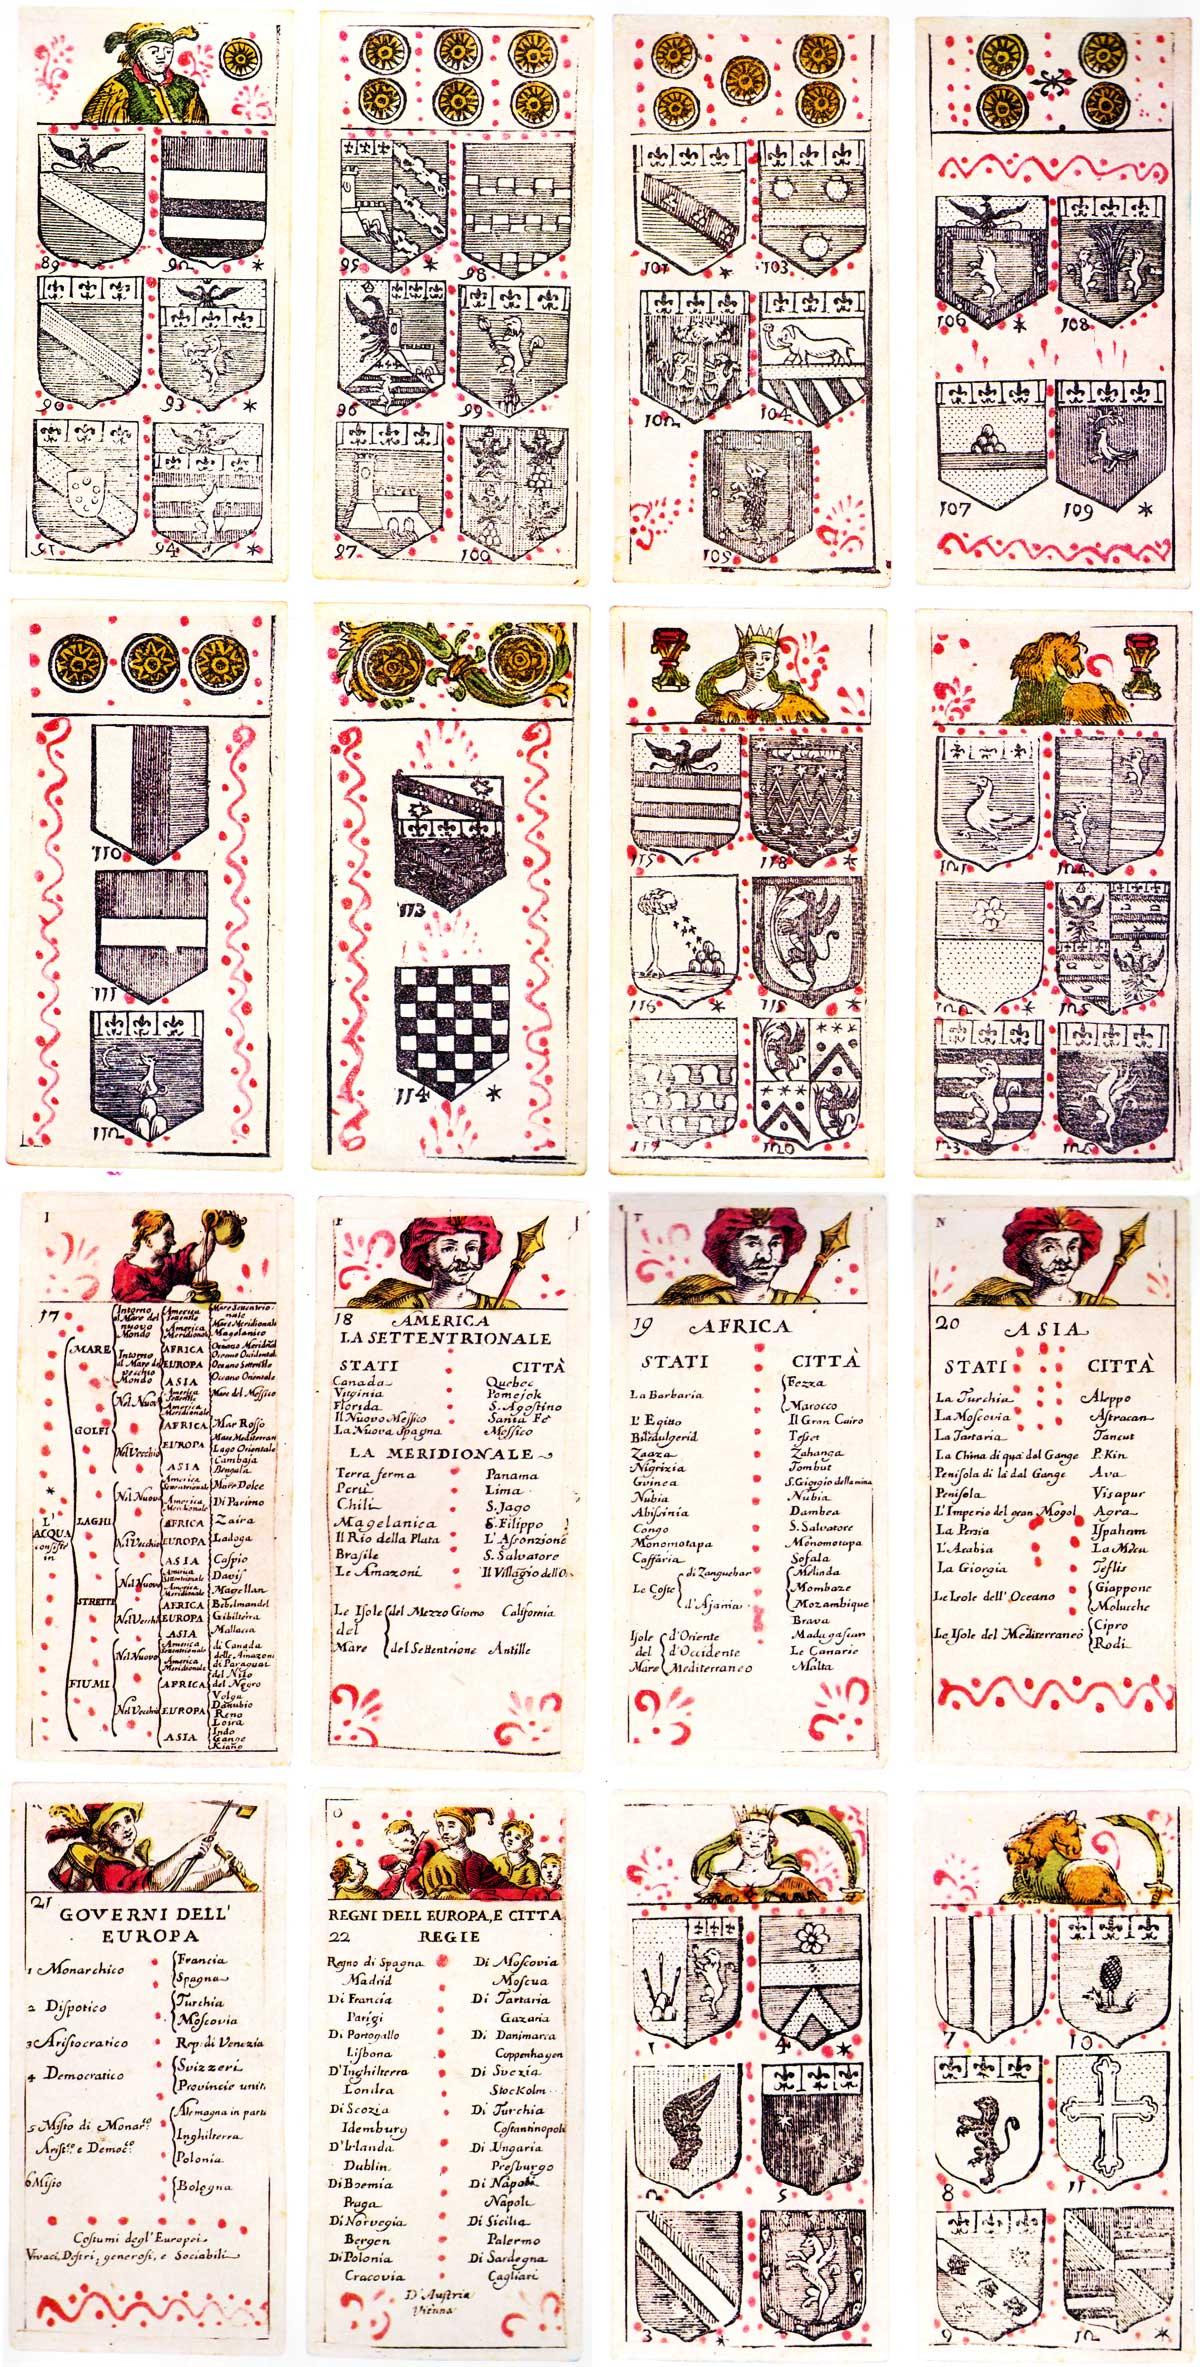 """""""L'Utile col Diletto, ossia geografia intrecciata nel giuoco de Tarocchi"""", a set of Geographical and Heraldic Tarocchi cards published in Bologna, 1725"""